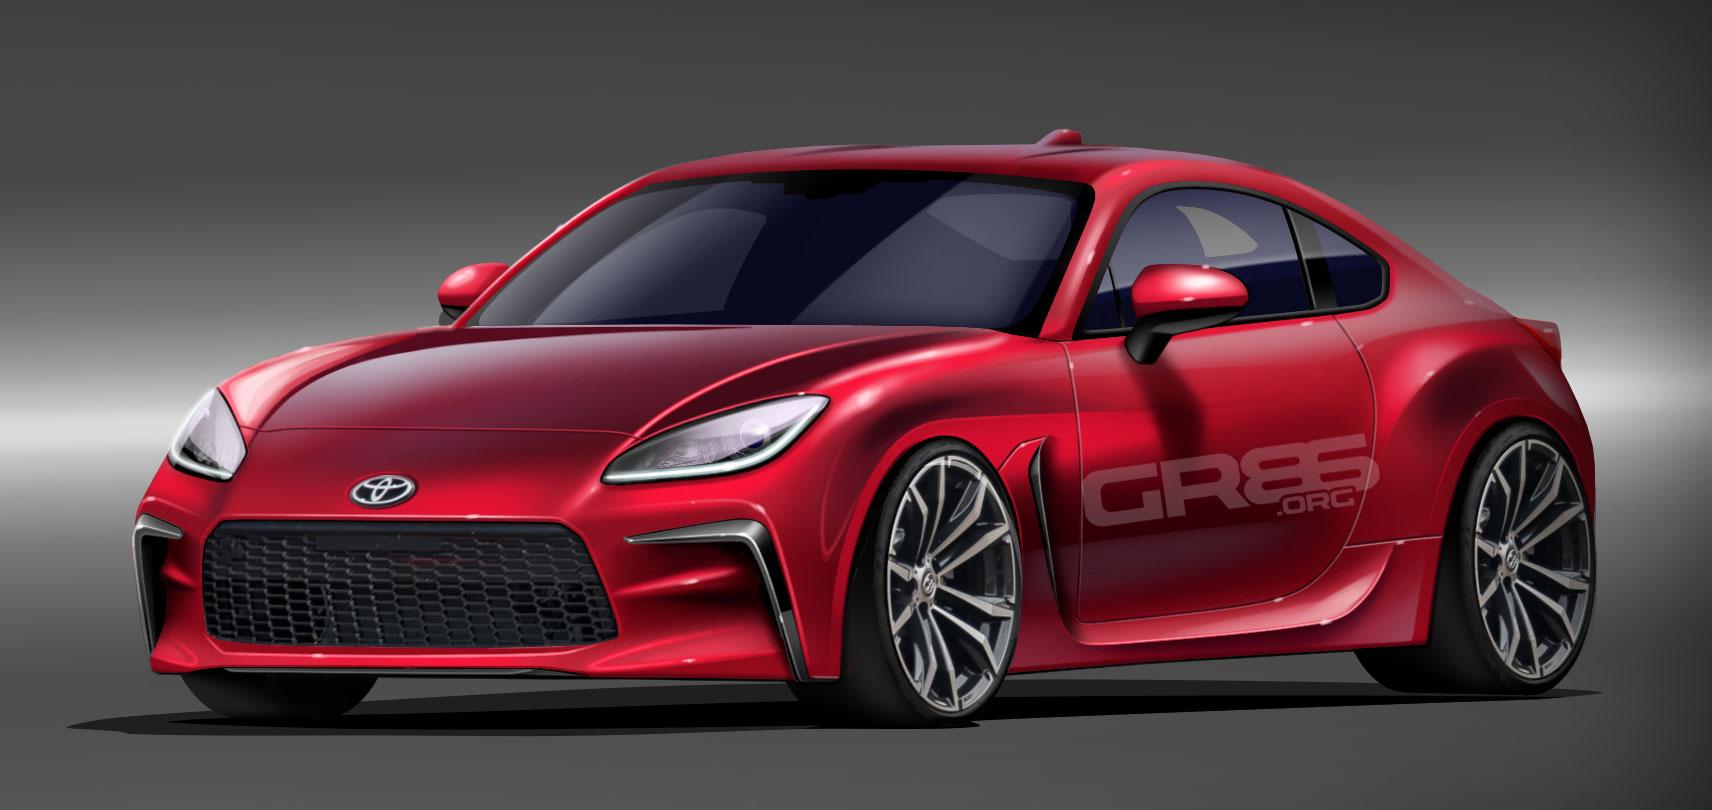 gr86-rendering-red